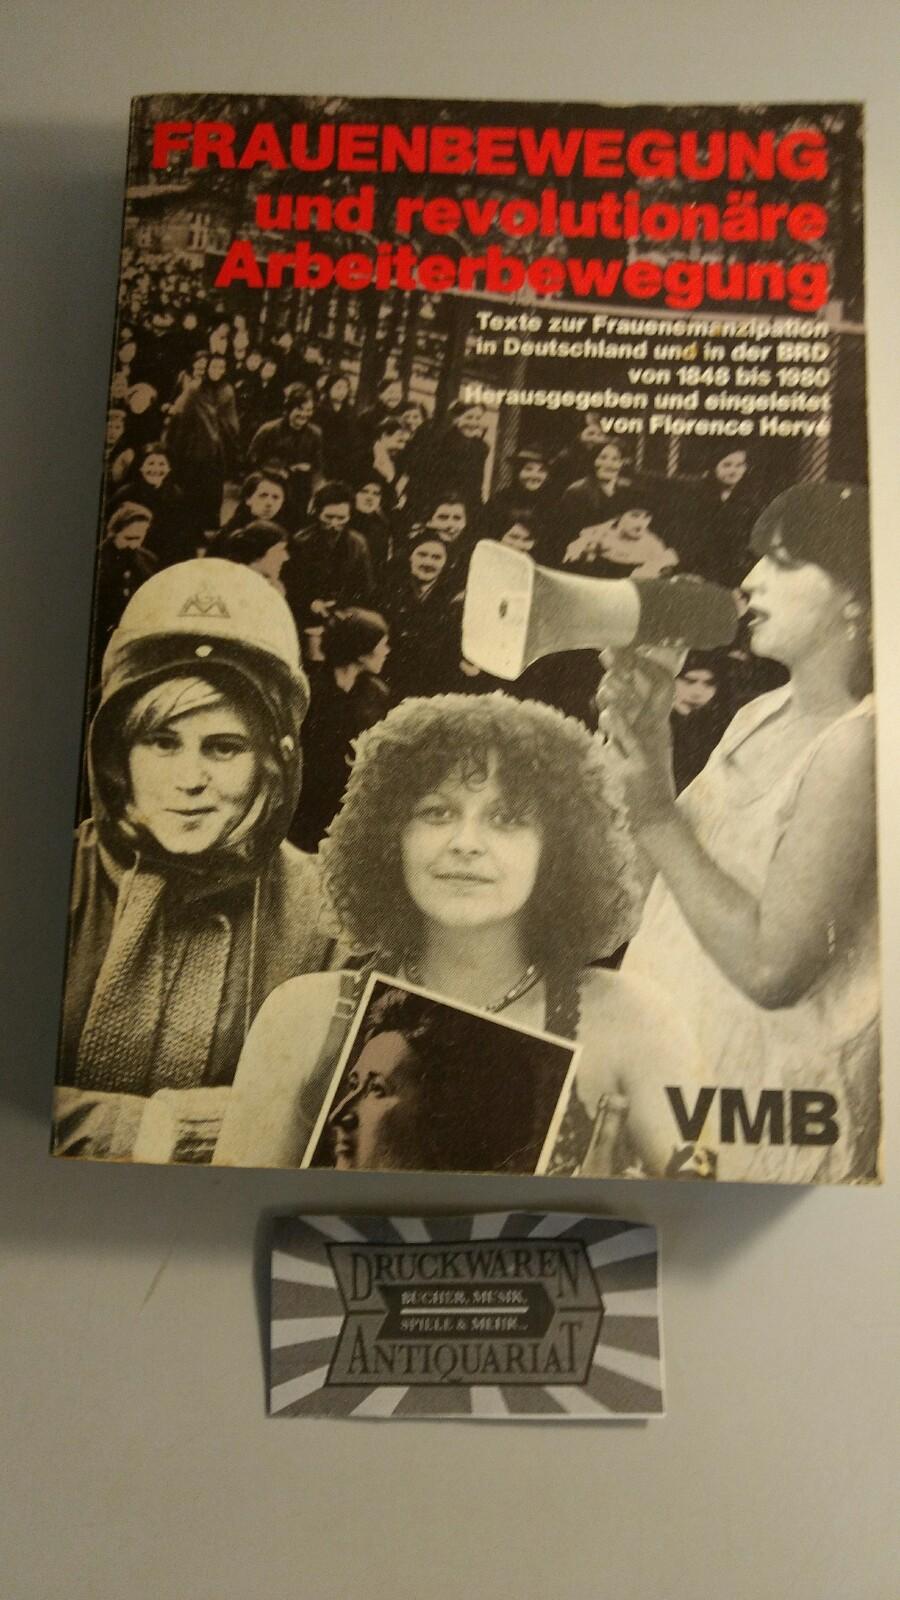 Frauenbewegung und revolutionäre Arbeiterbewegung - Texte zur Frauenemanzipation in Deutschland u. in d. BRD von 1848 - 1980.